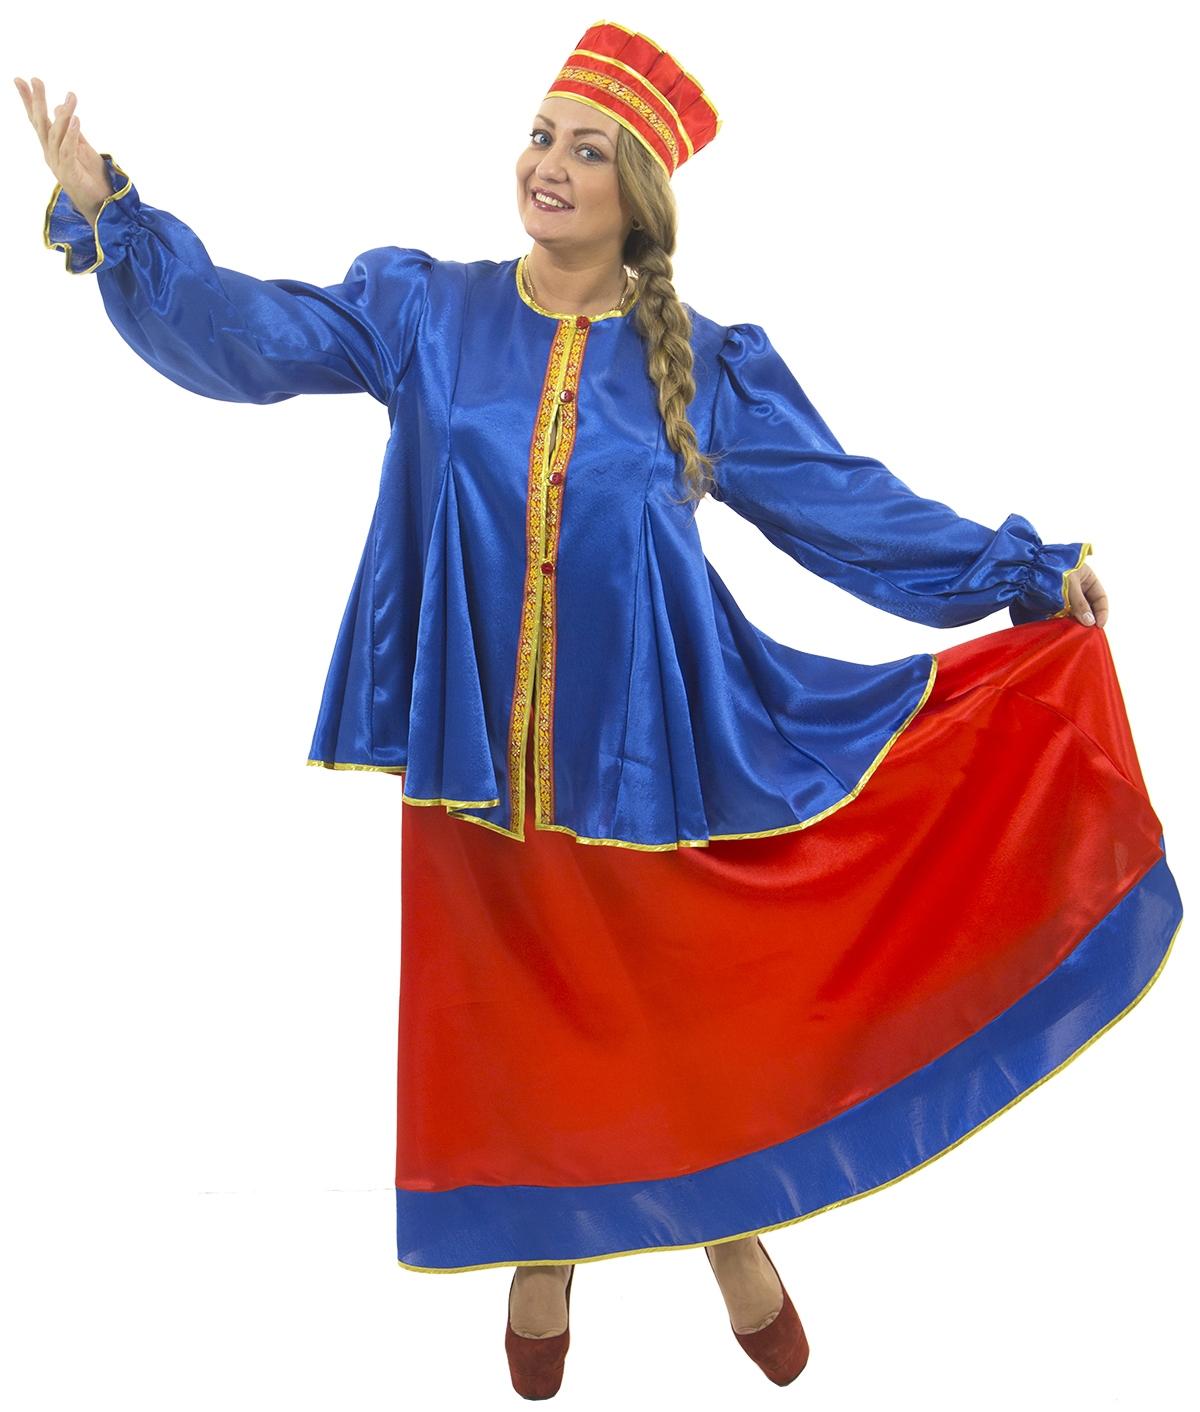 Взрослый костюм Масленицы (44-46) -  Национальные костюмы